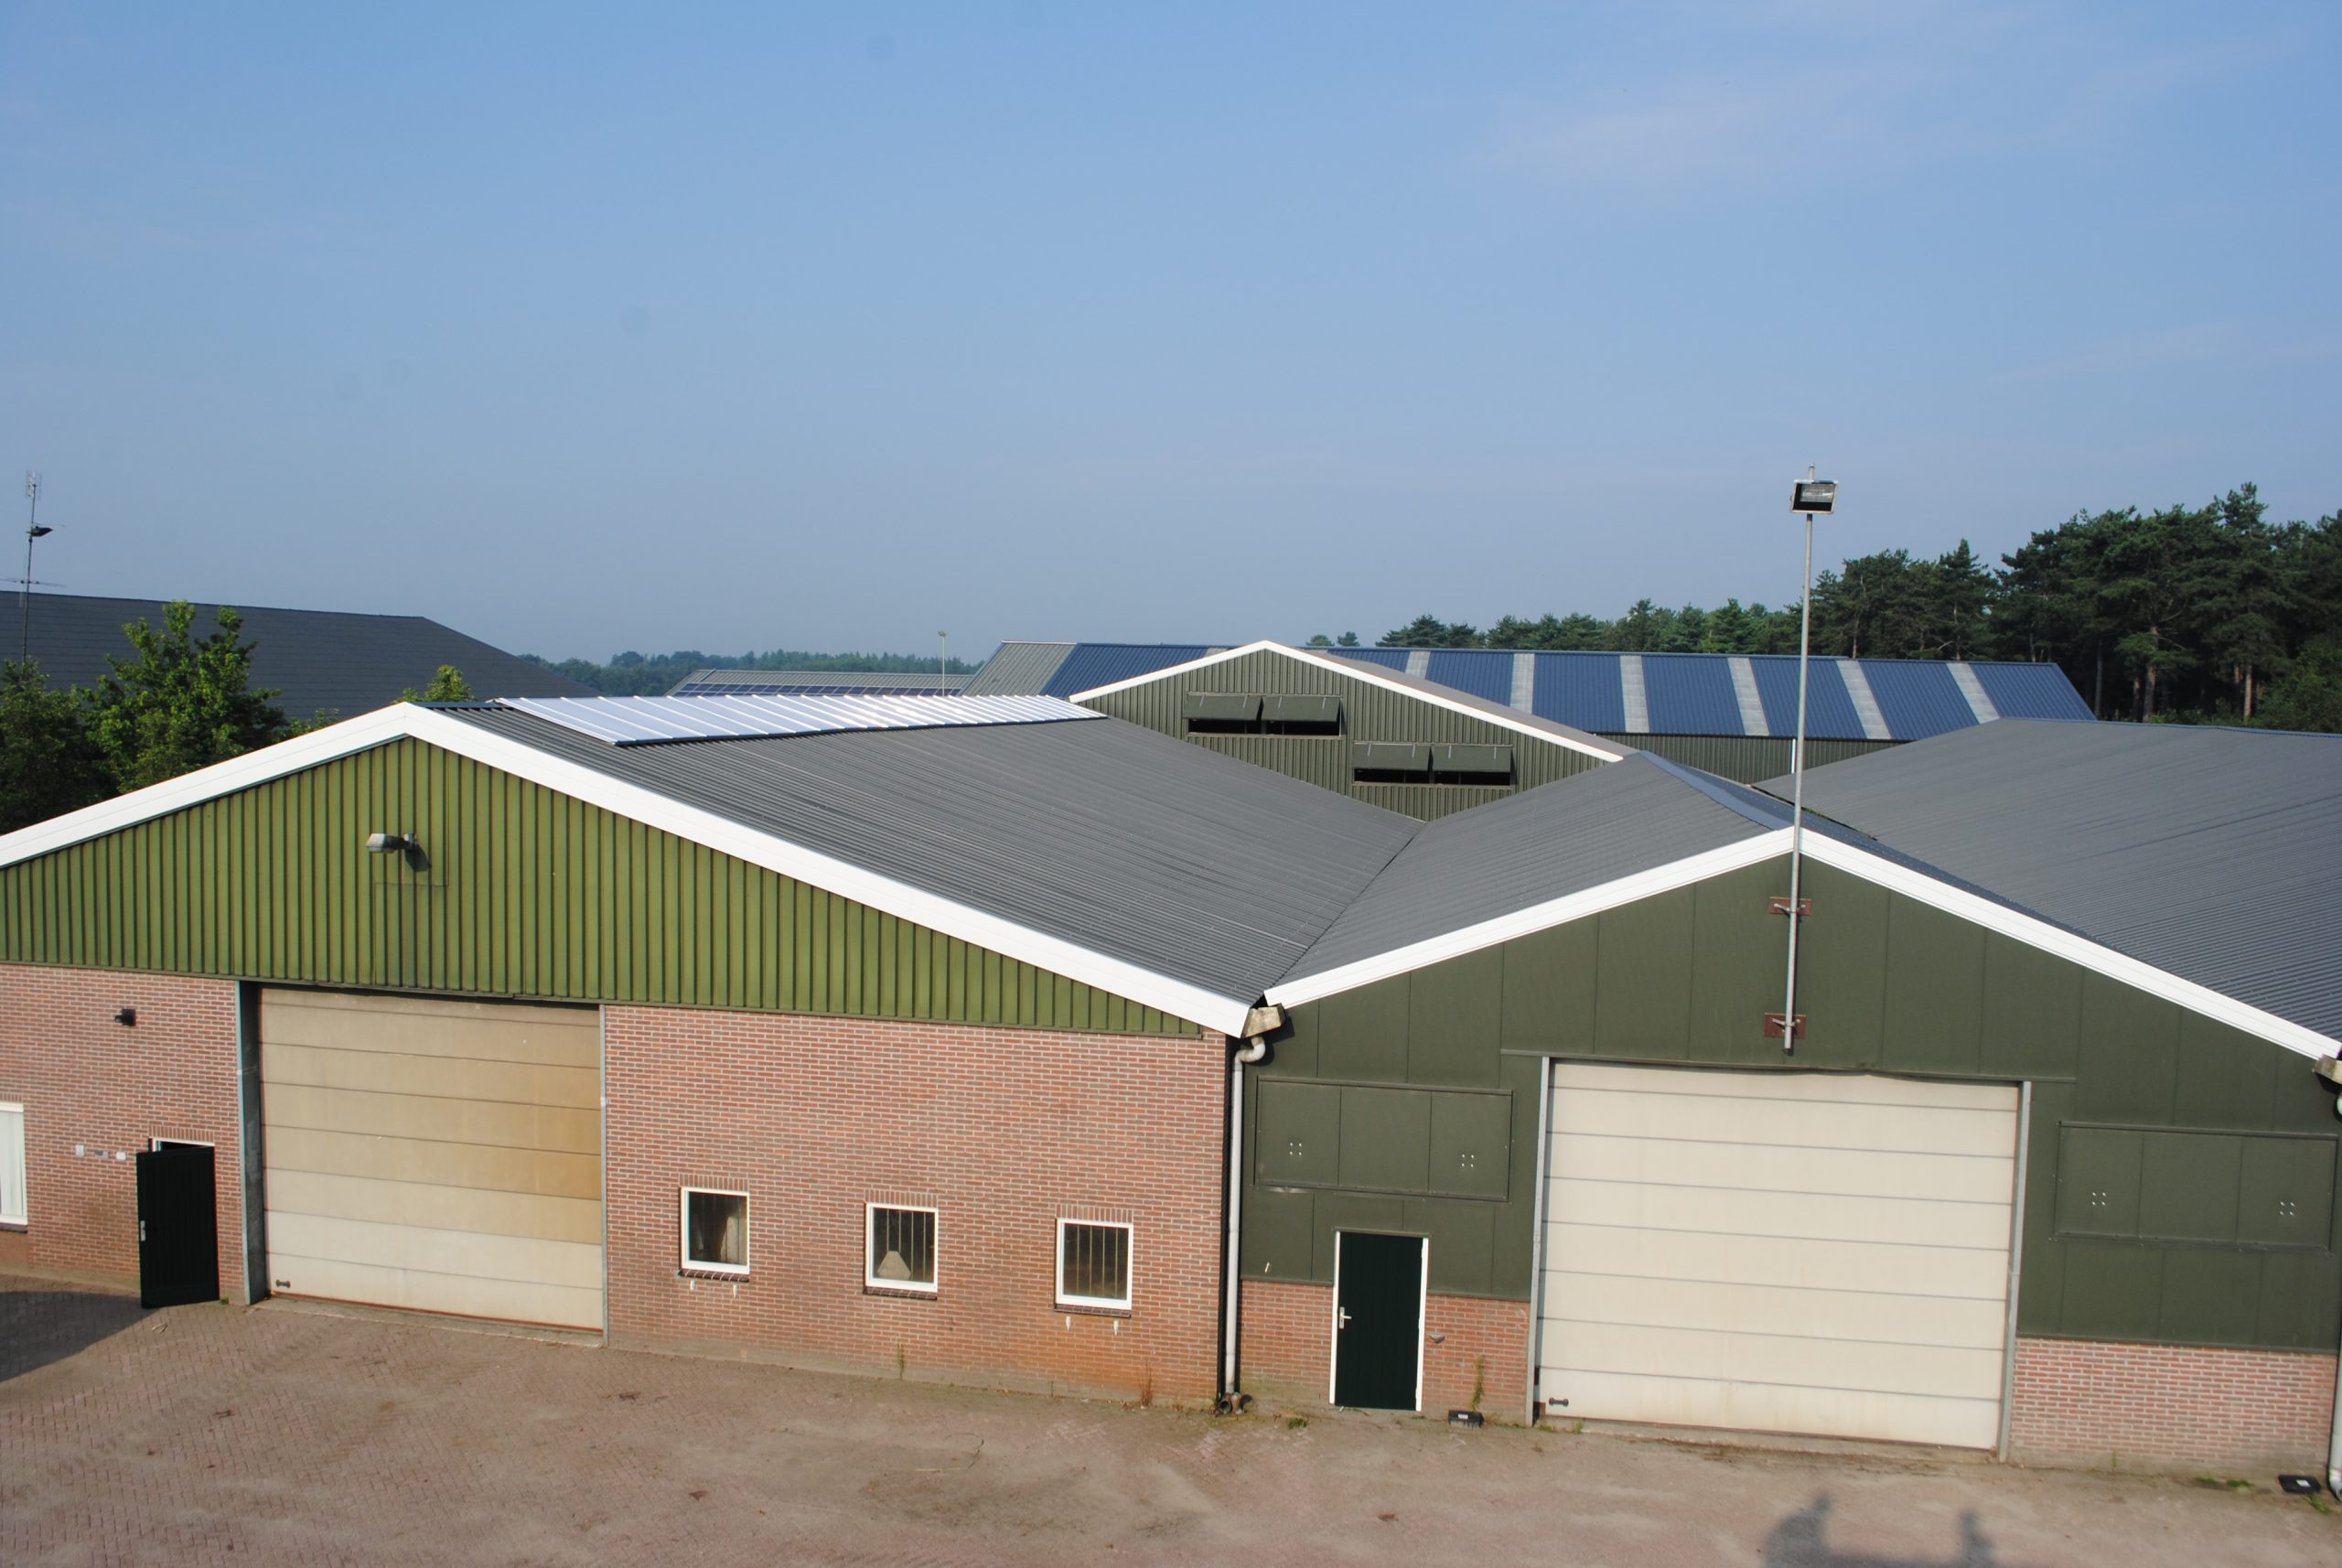 Vierduizend m2 nieuw dak voor Brabants akkerbouwbedrijf